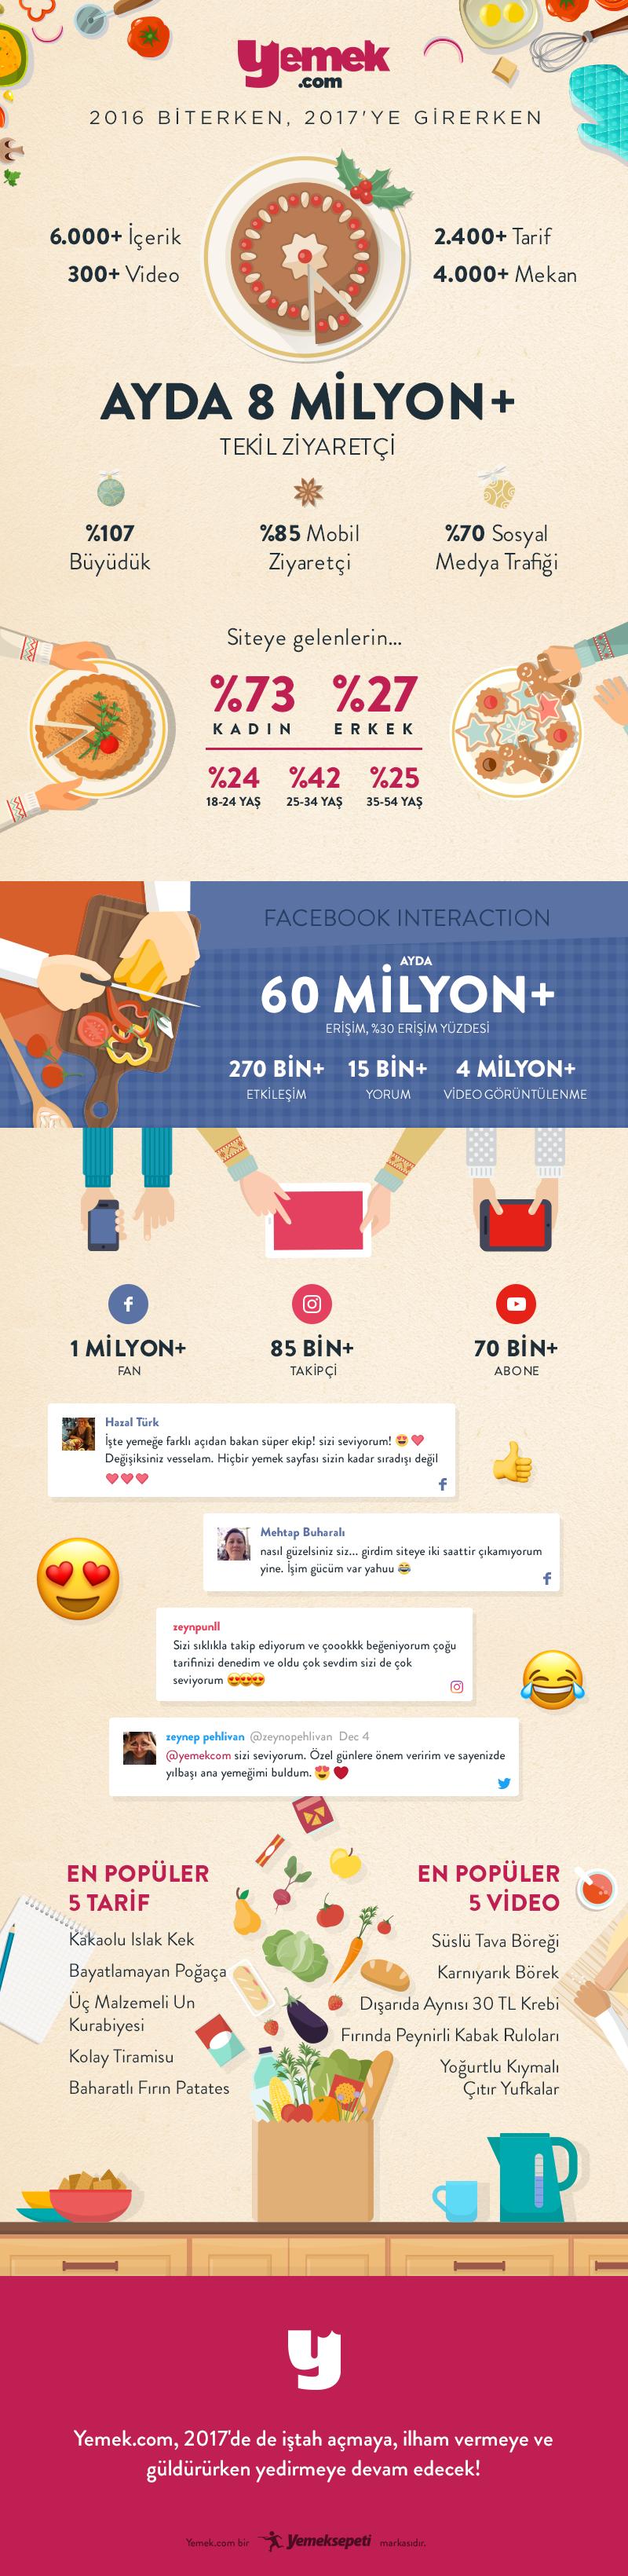 yemek.com infografik 2016